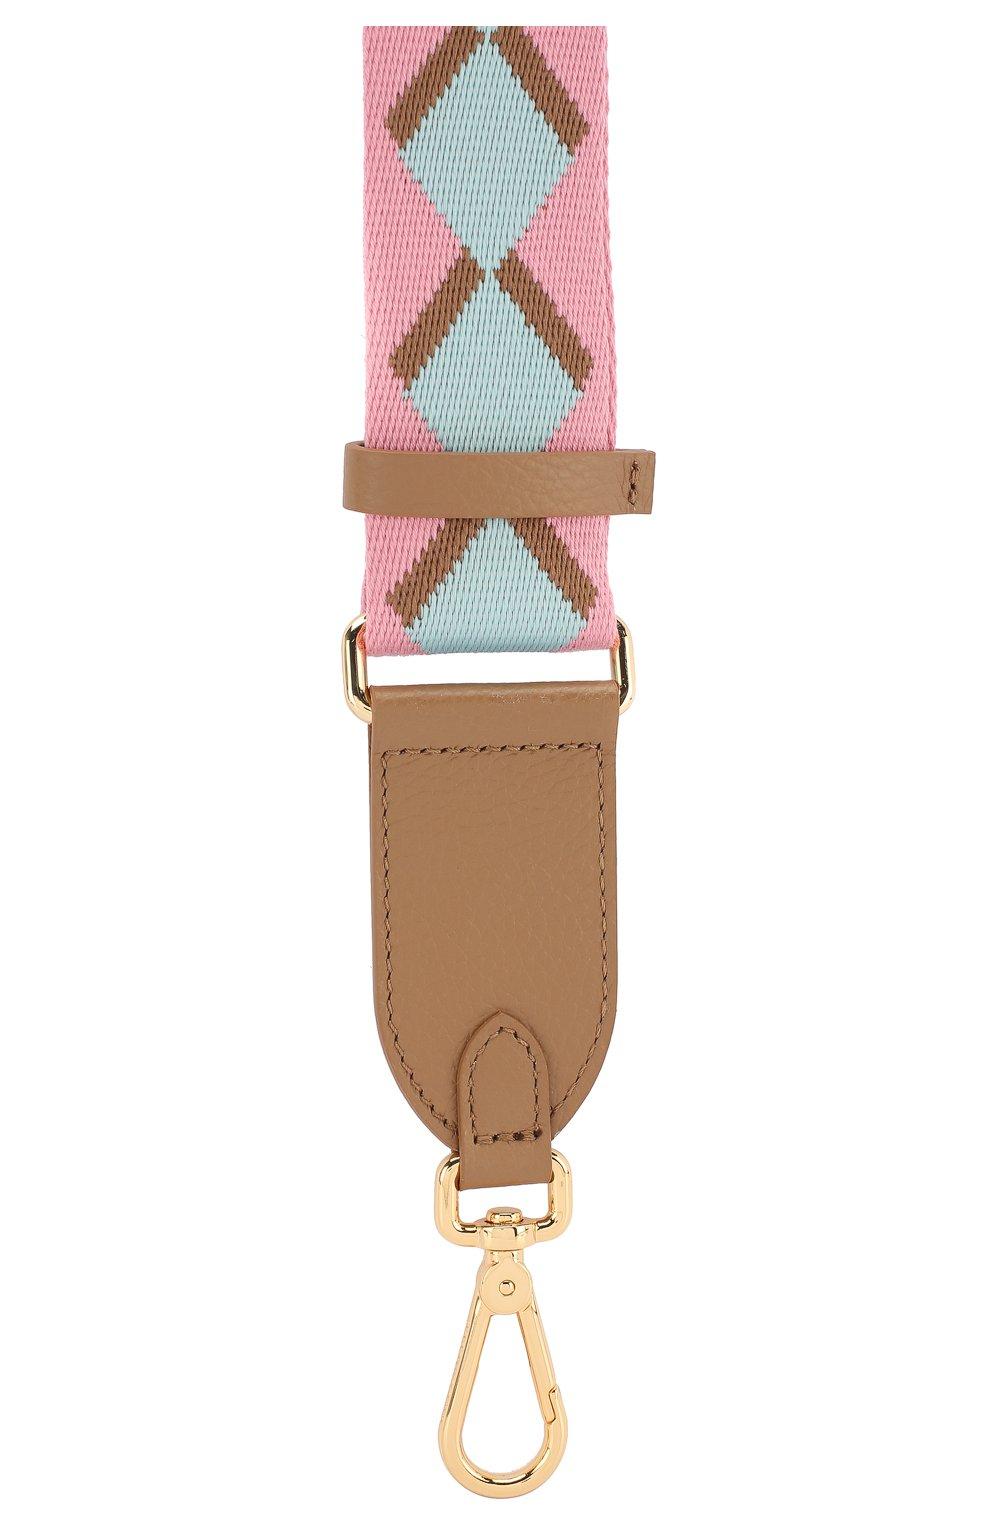 Текстильный ремень для сумки Nastro  | Фото №2